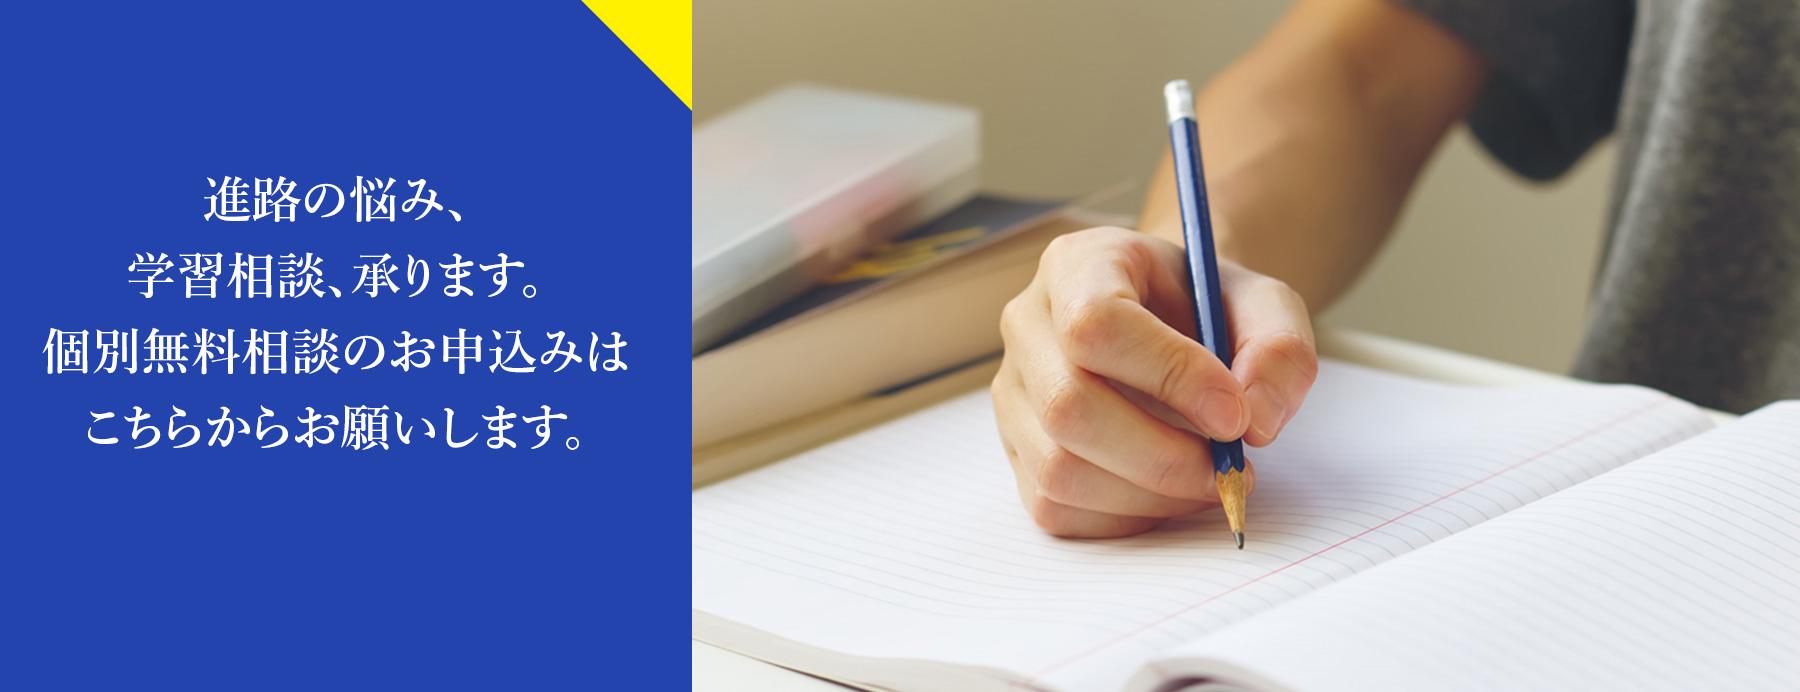 個別無料相談申込み 東大、早稲田、医学部など難関大合格は橋本の進学塾・予備校ハシケンHASHIKEN